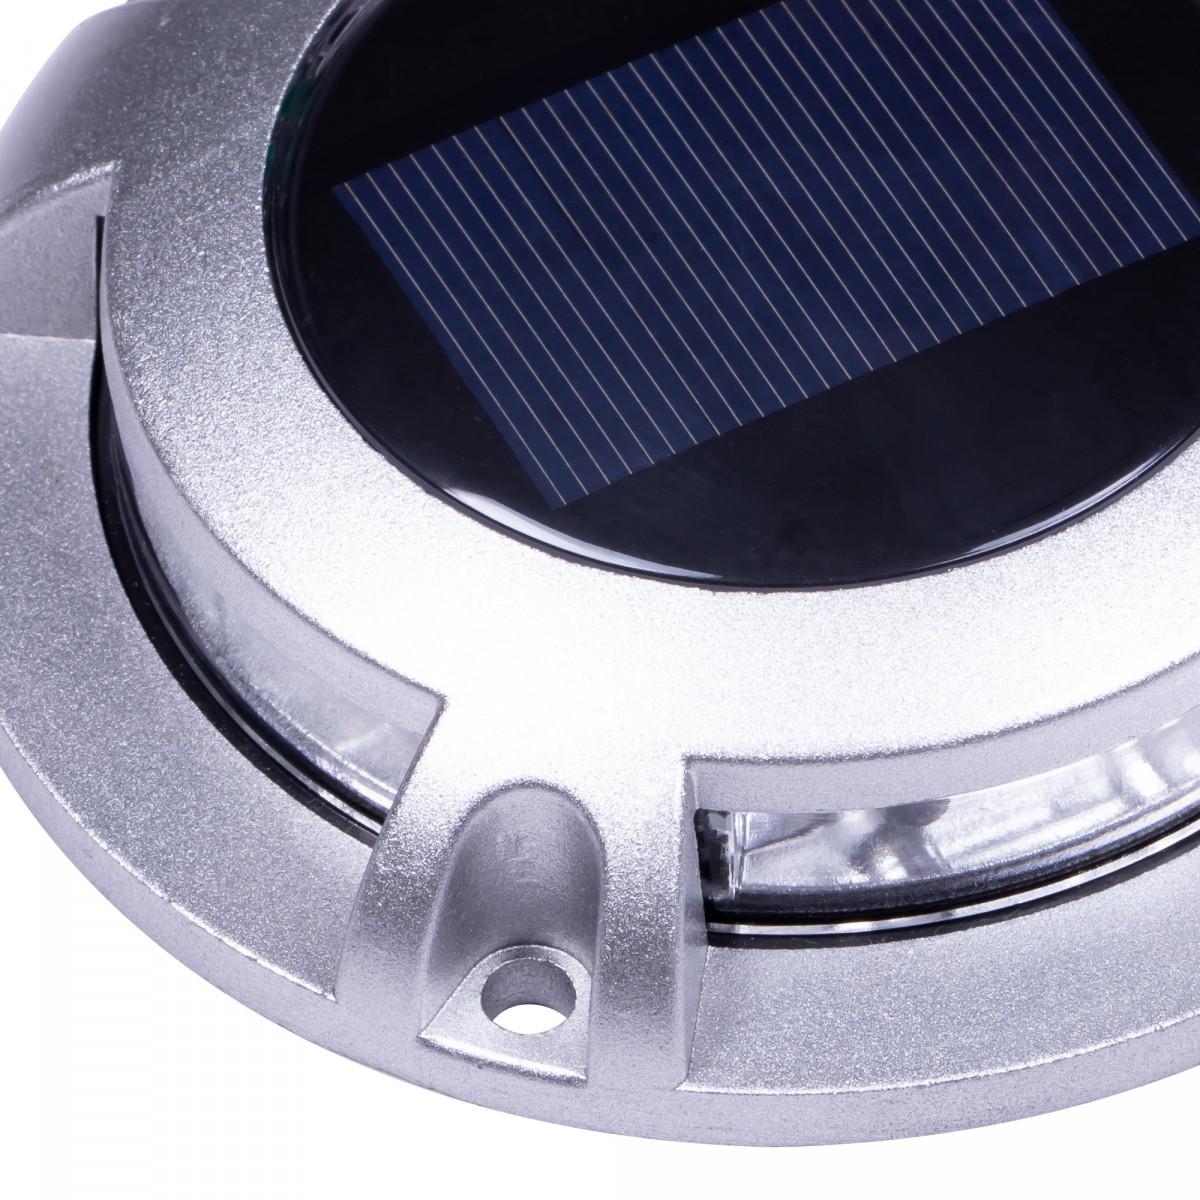 grondspot - Solar LED Decklight RVS - solarlamp - zonne energie spot - Nostalux